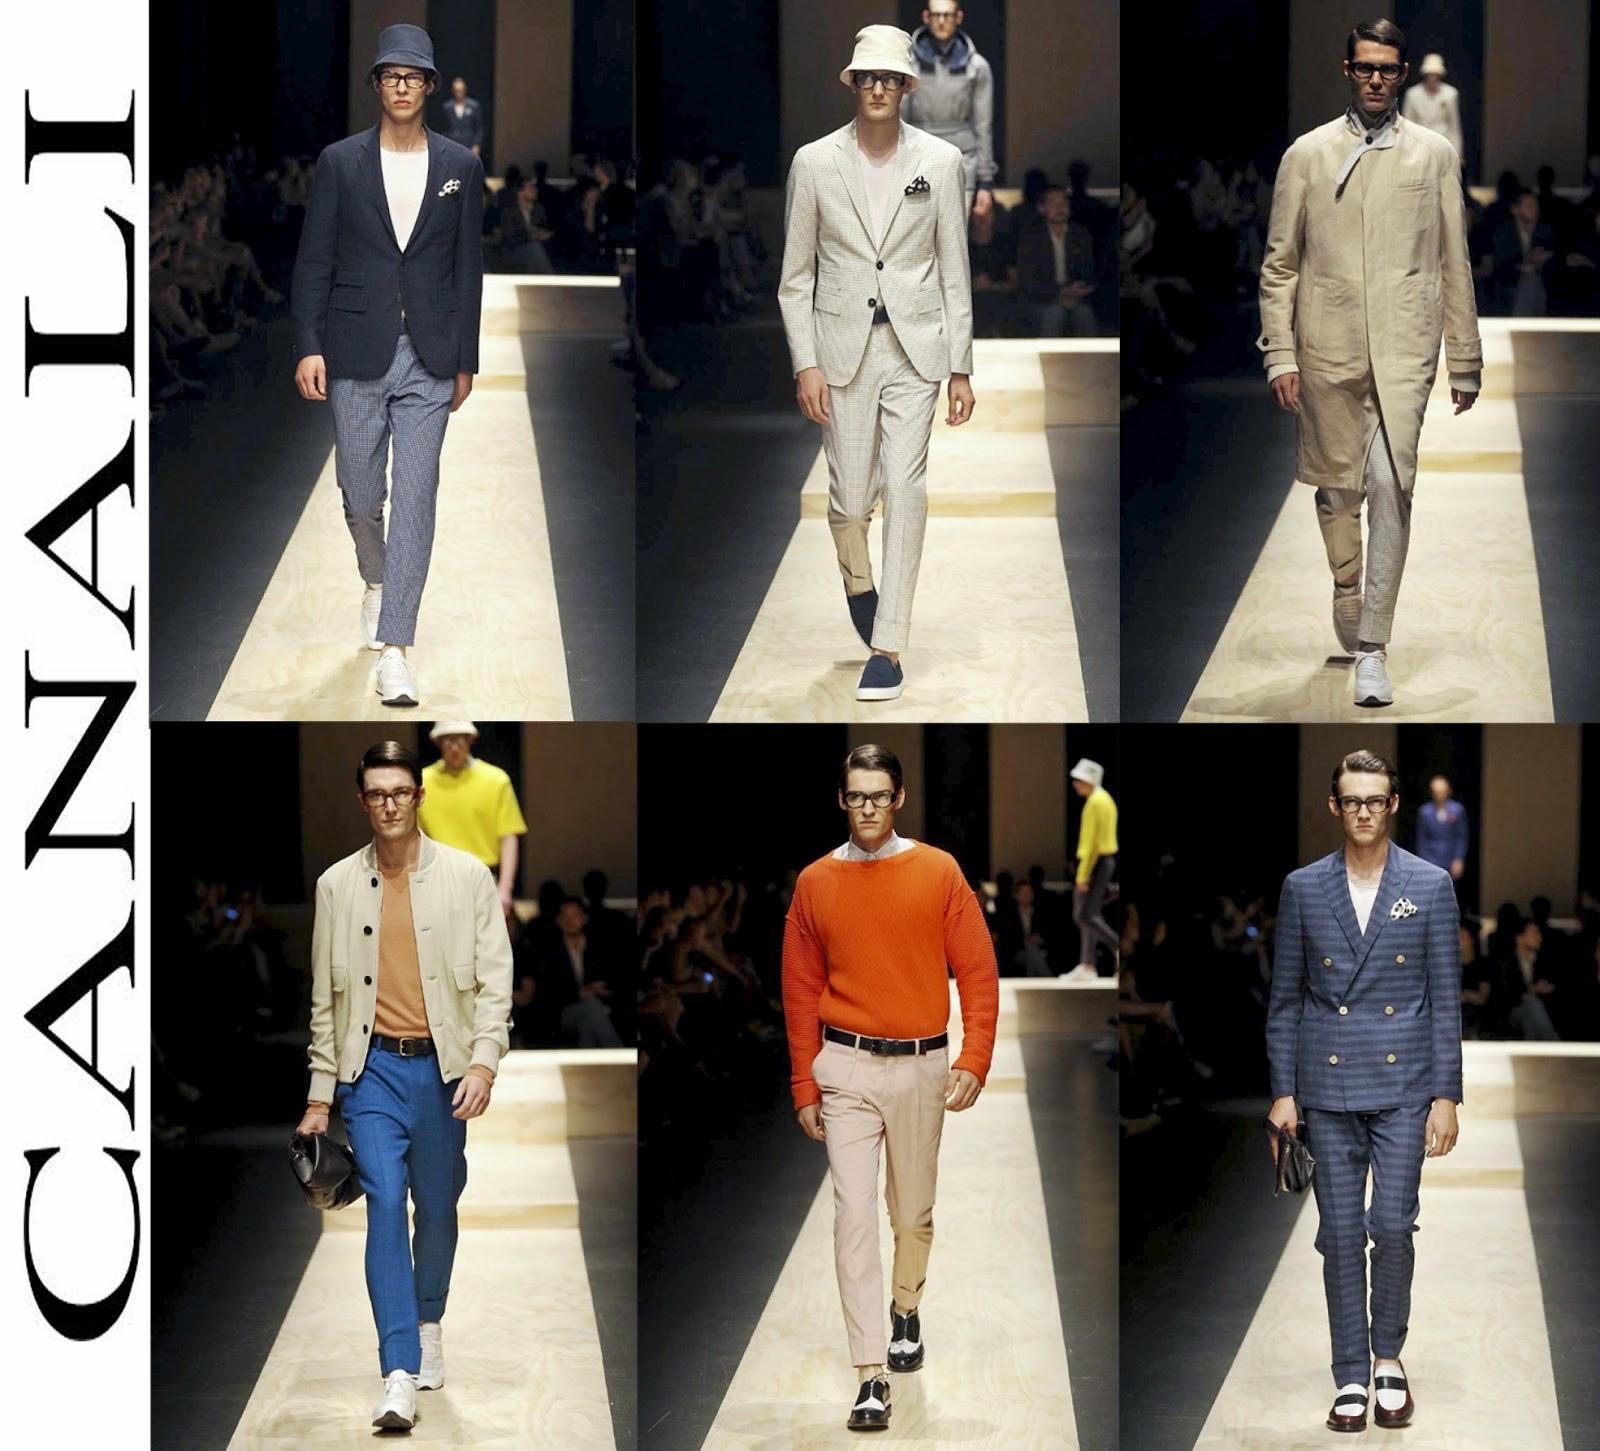 Eniwhere Fashion - Milano Moda Uomo - Primavera Estate 2015 - Canali